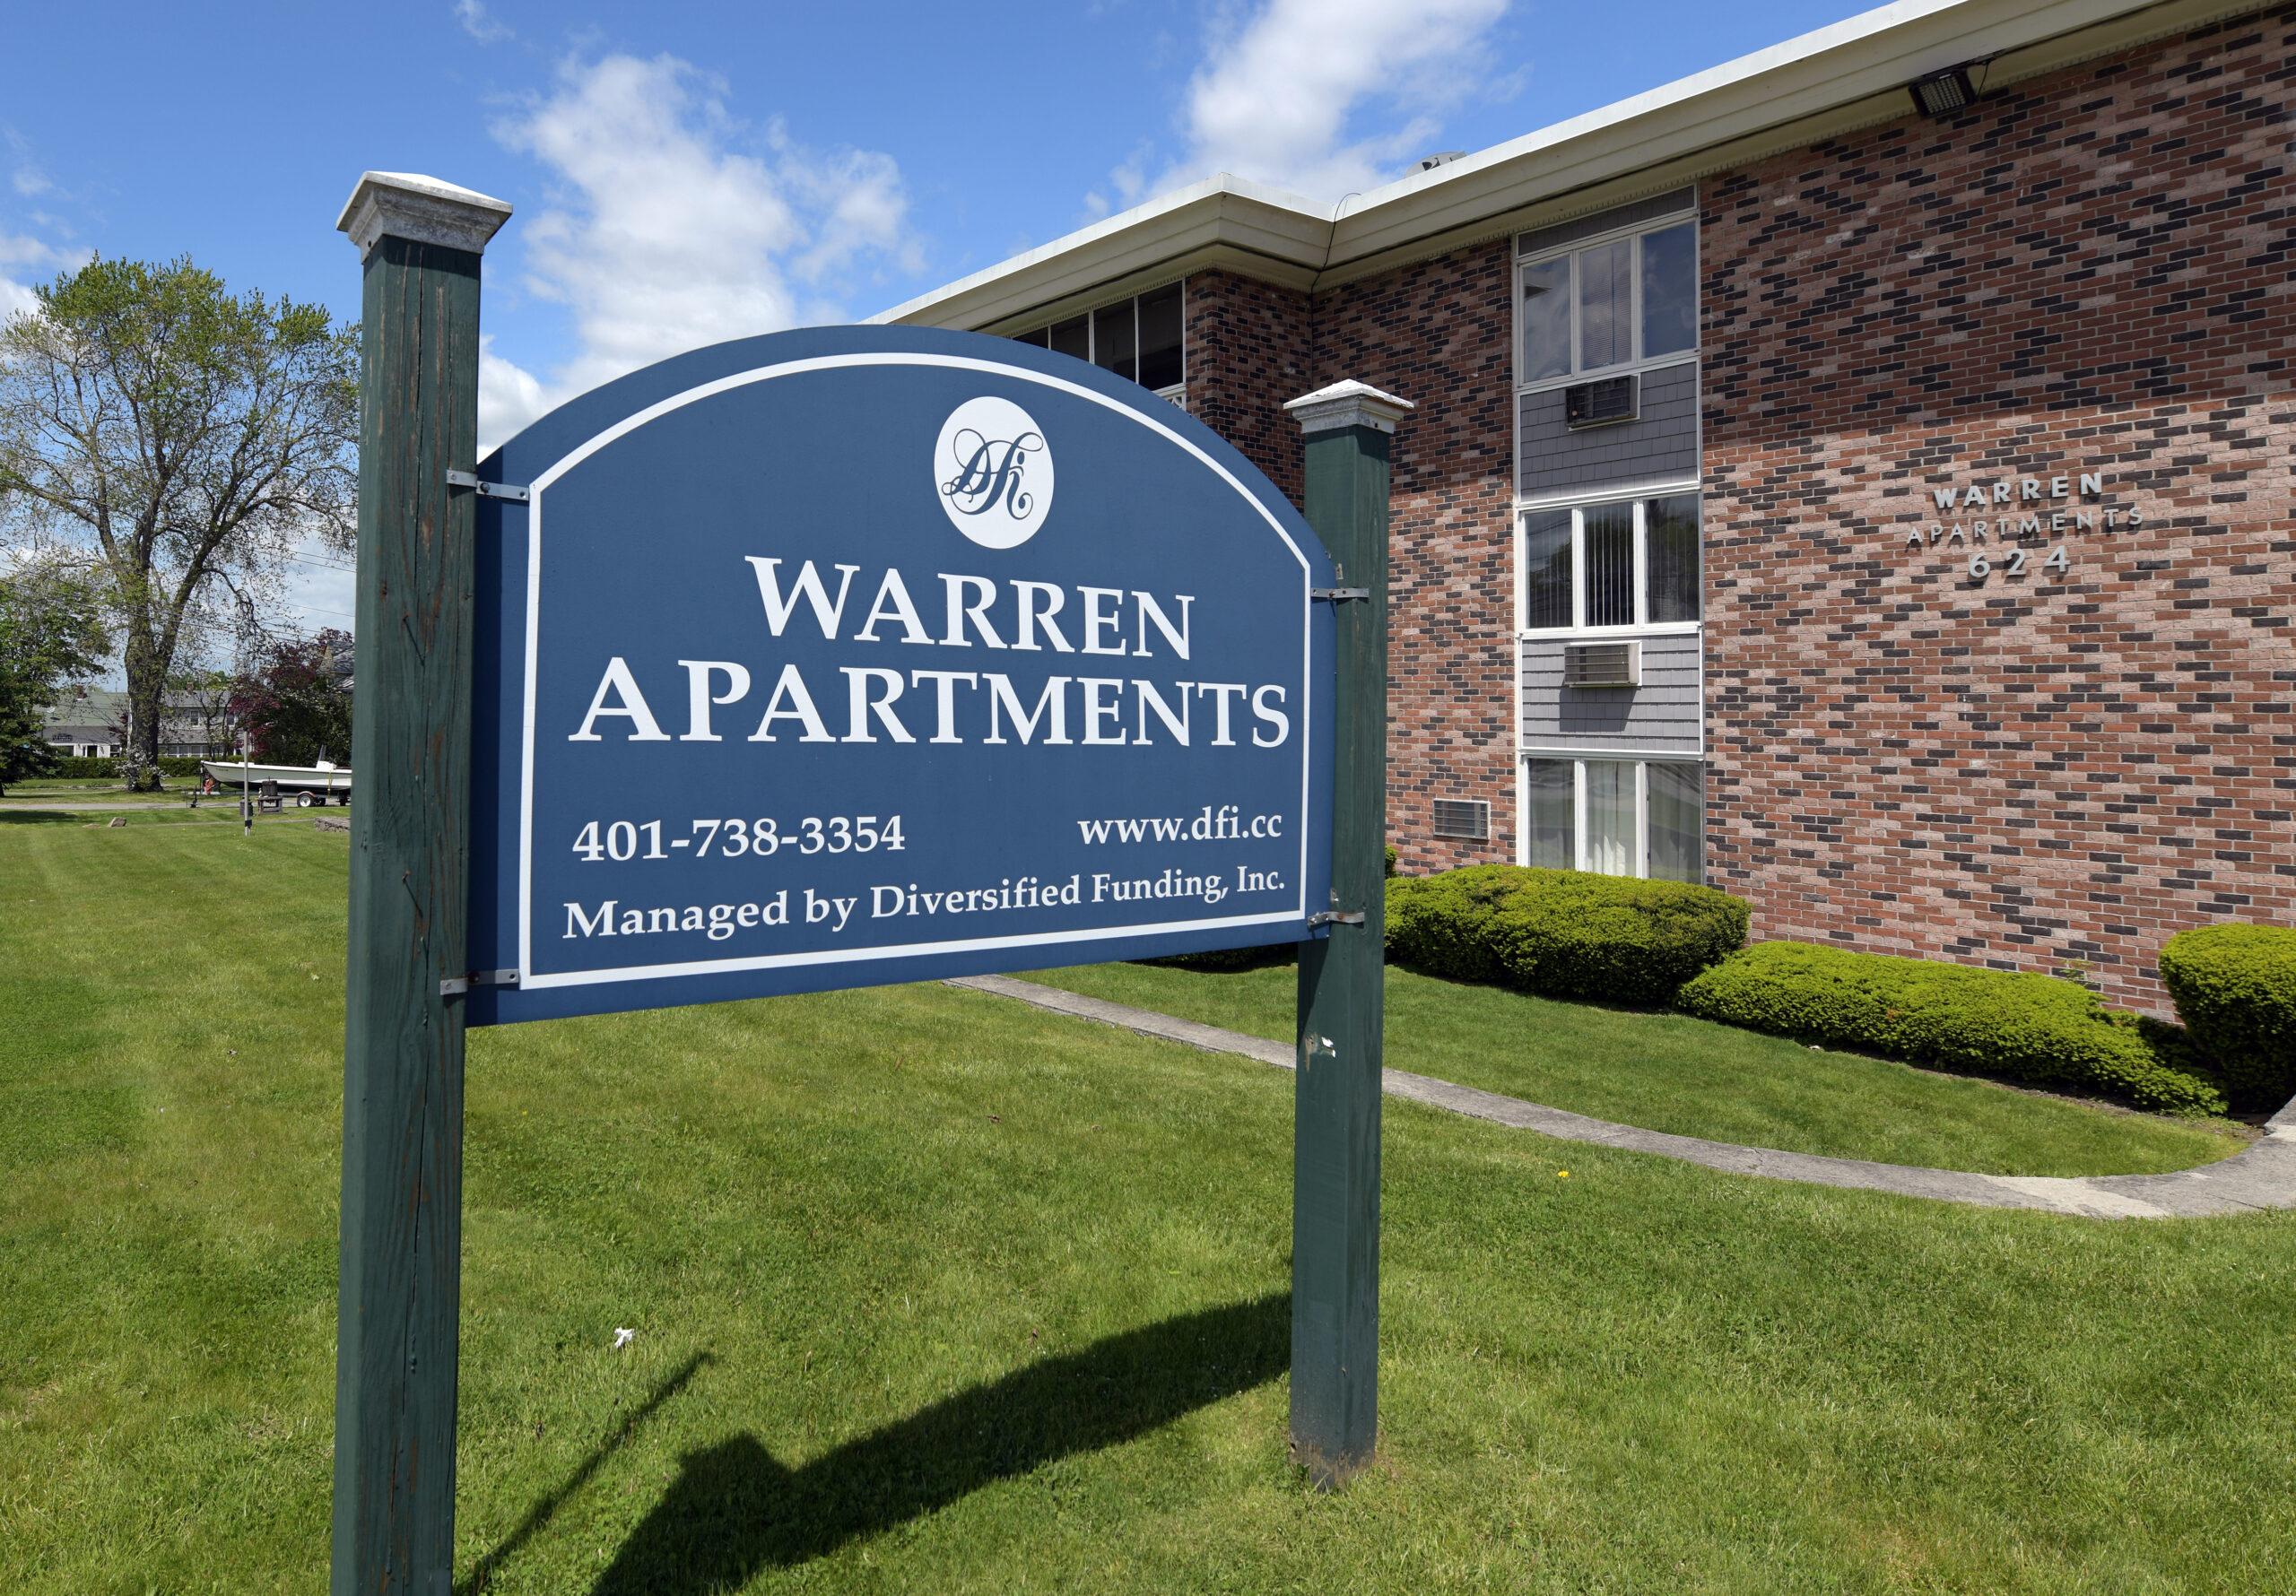 Warren Apartments